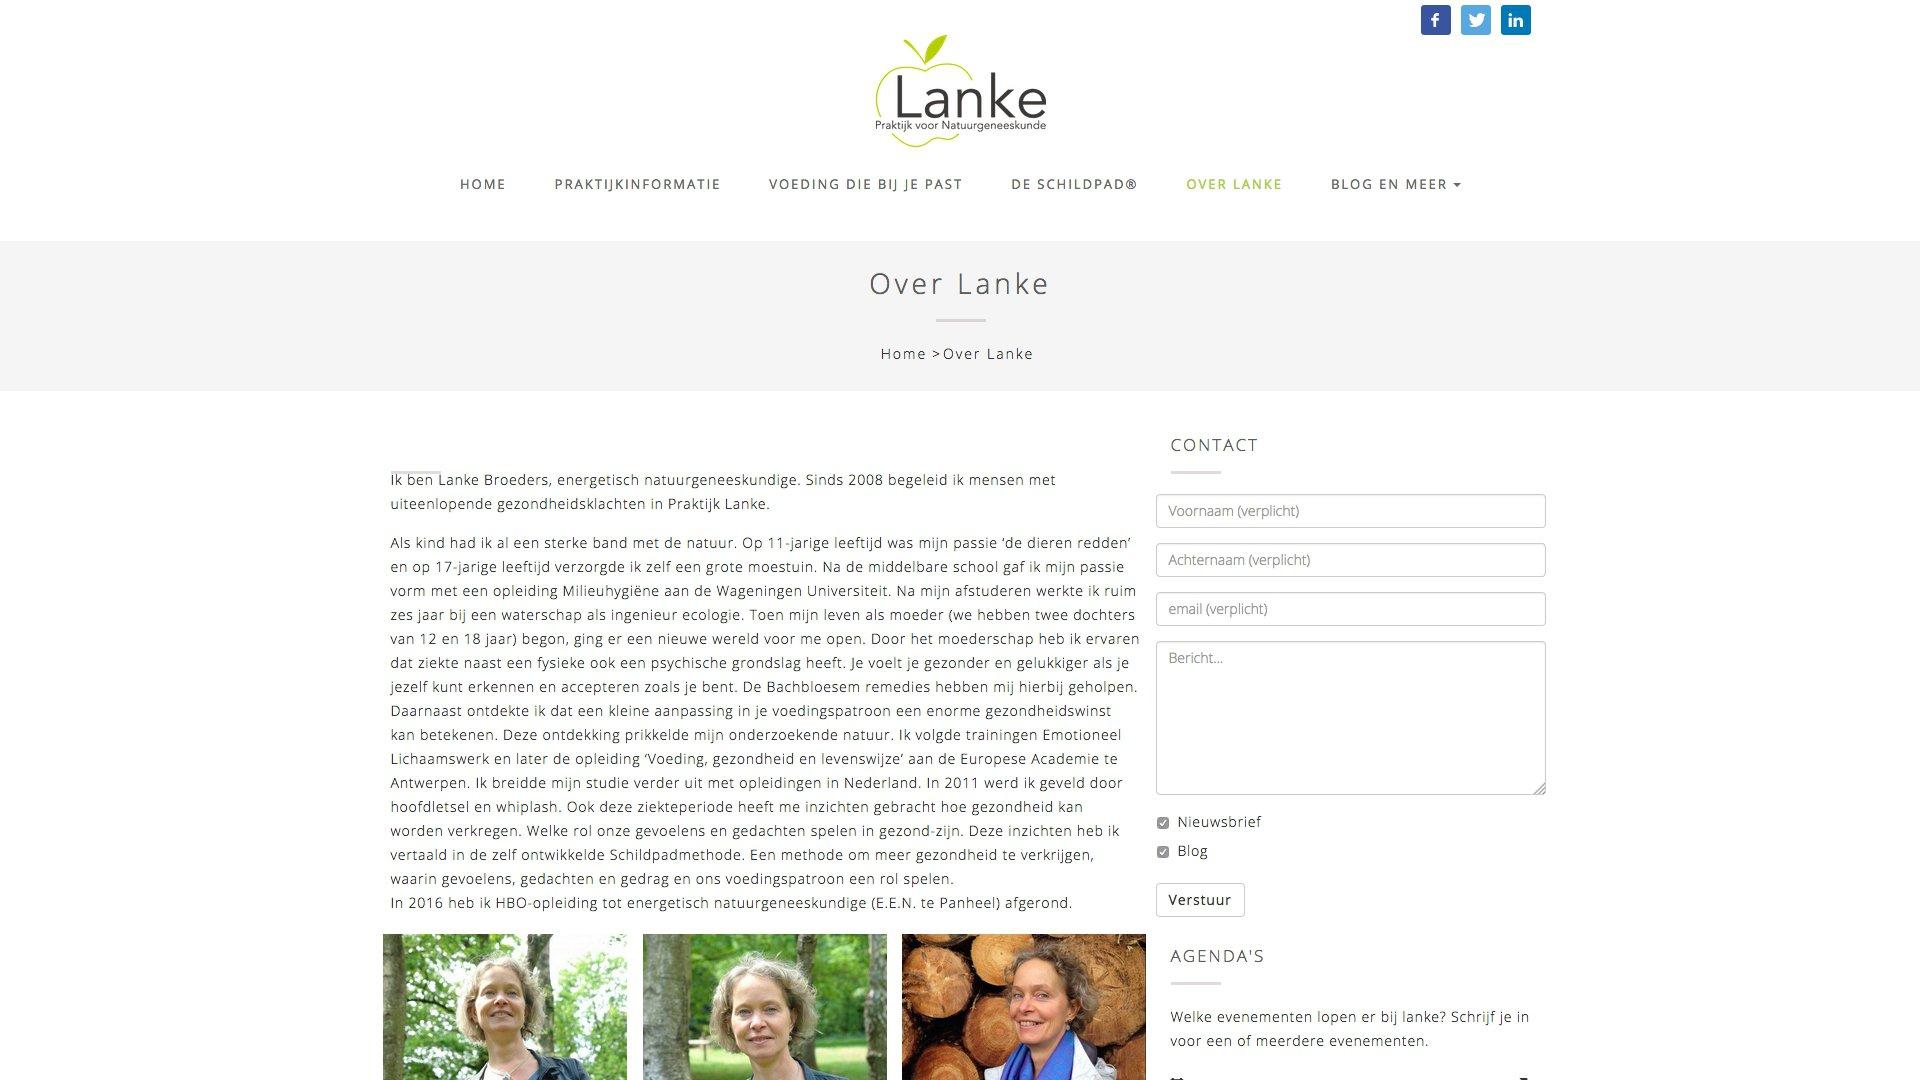 Lanke